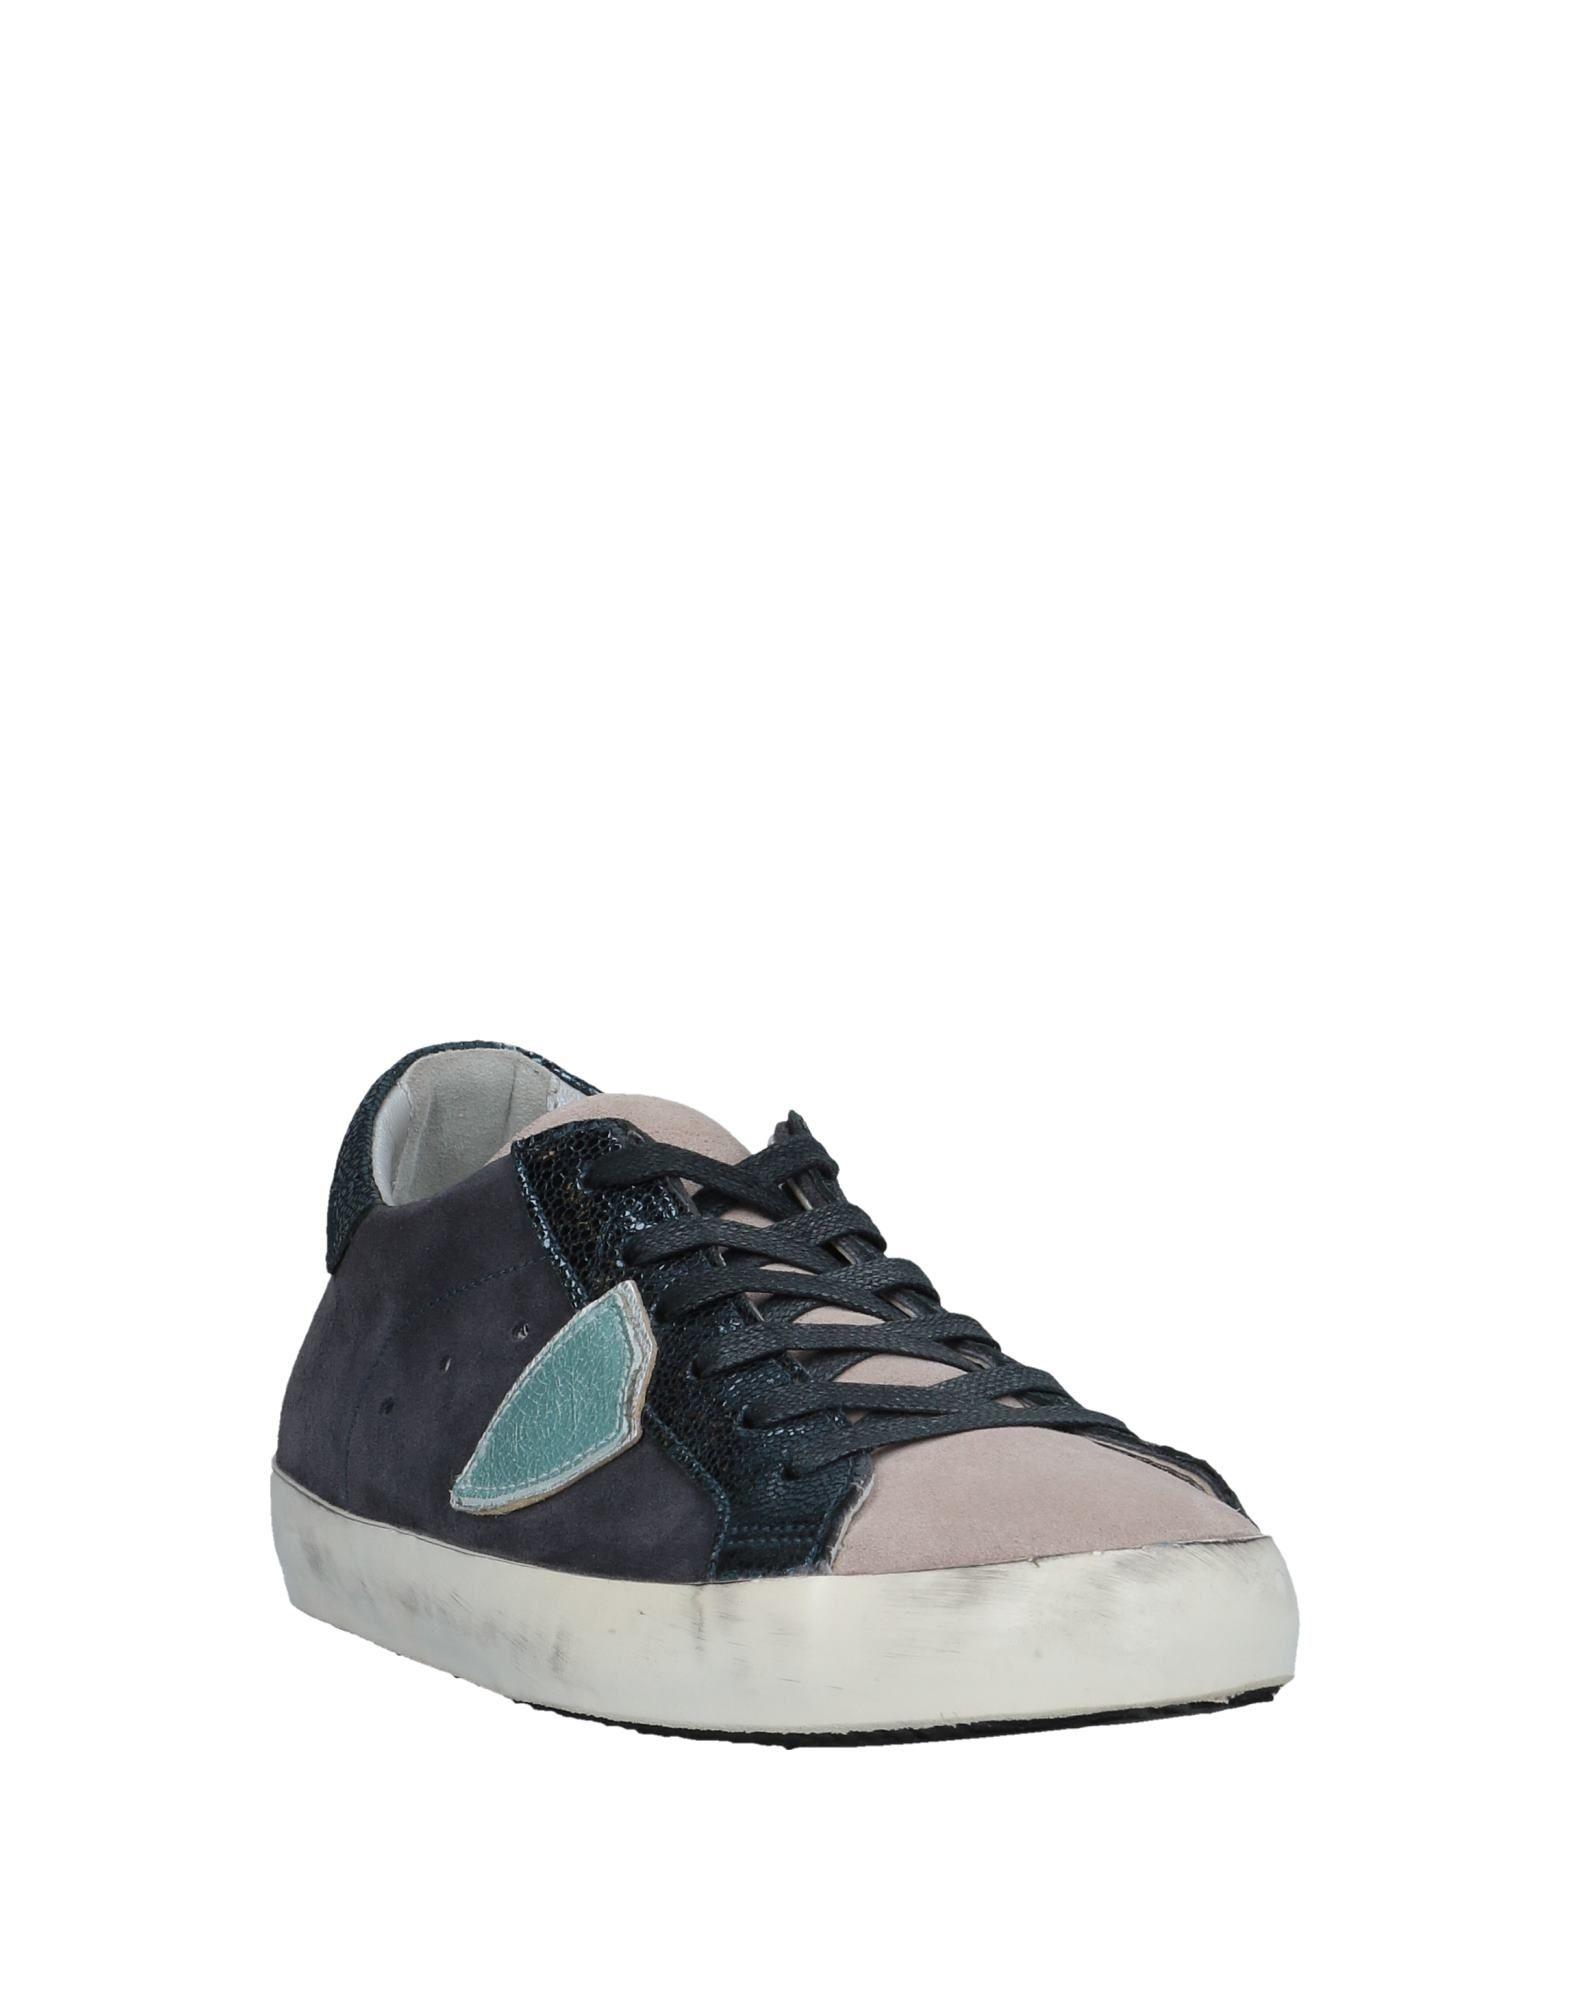 Philippe Model Sneakers Damen strapazierfähige  11526980VSGut aussehende strapazierfähige Damen Schuhe e8eb07